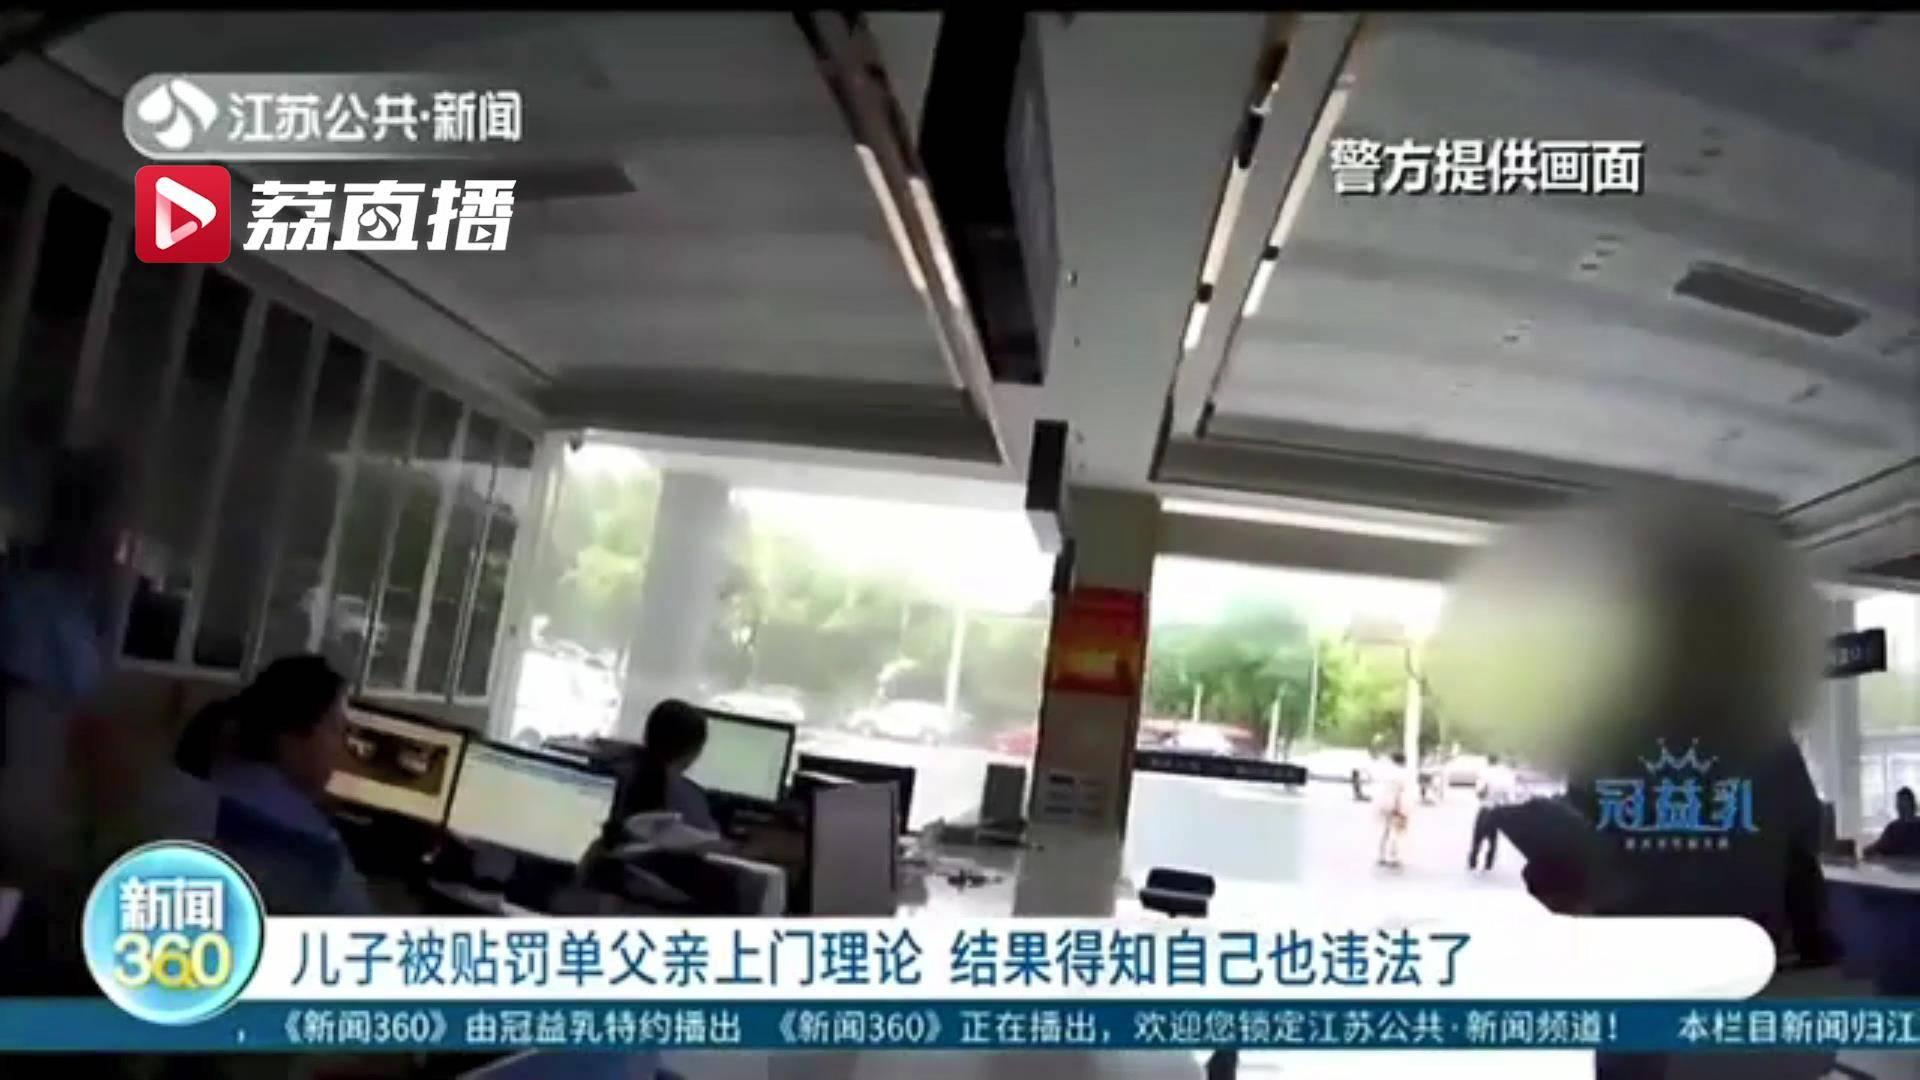 9月2日家住南京市六合区的小李因为车辆